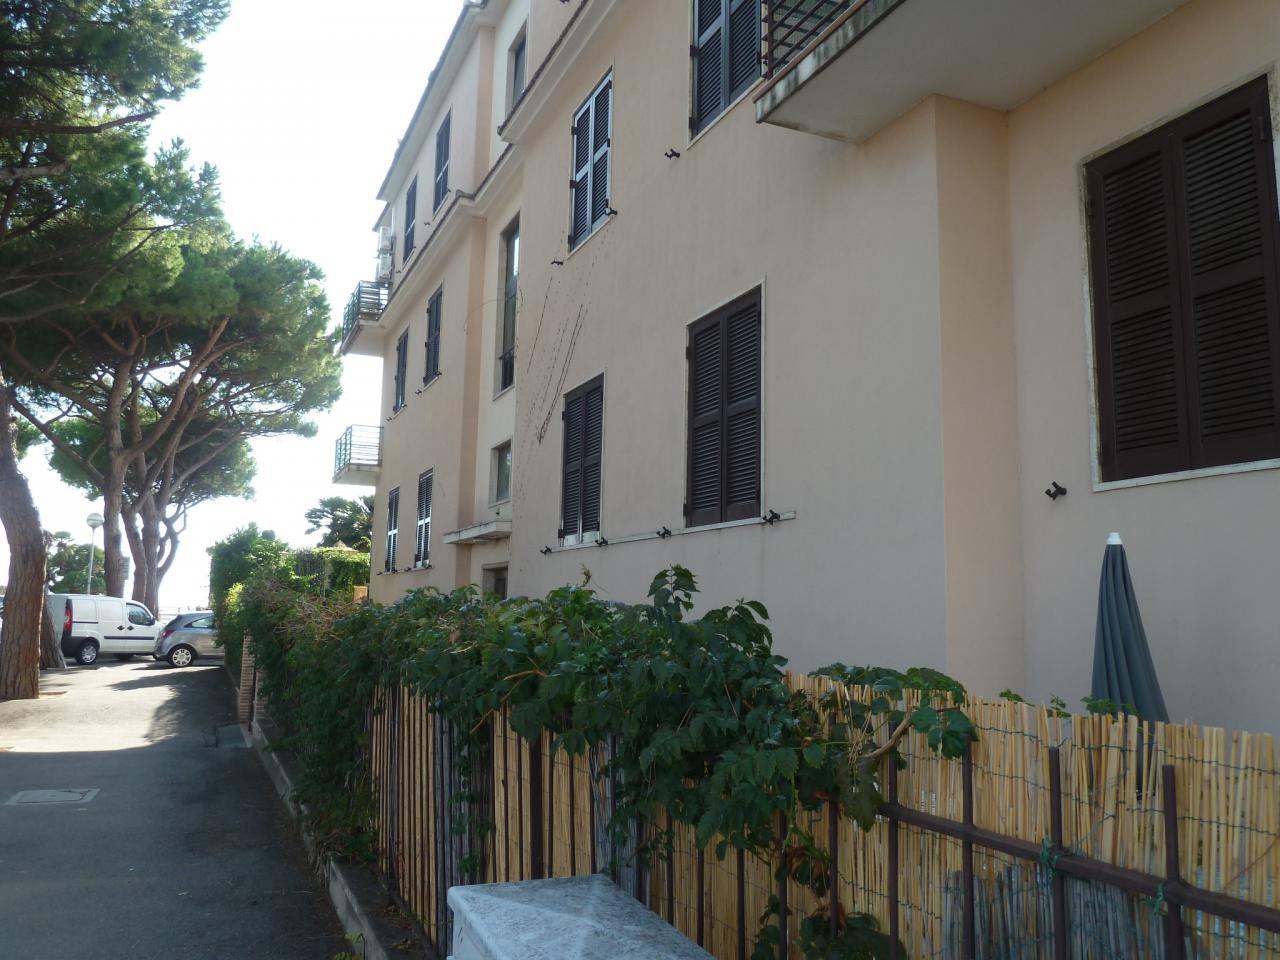 Vendesi terracina lt appartamento vendita for Appartamento di efficienza seminterrato